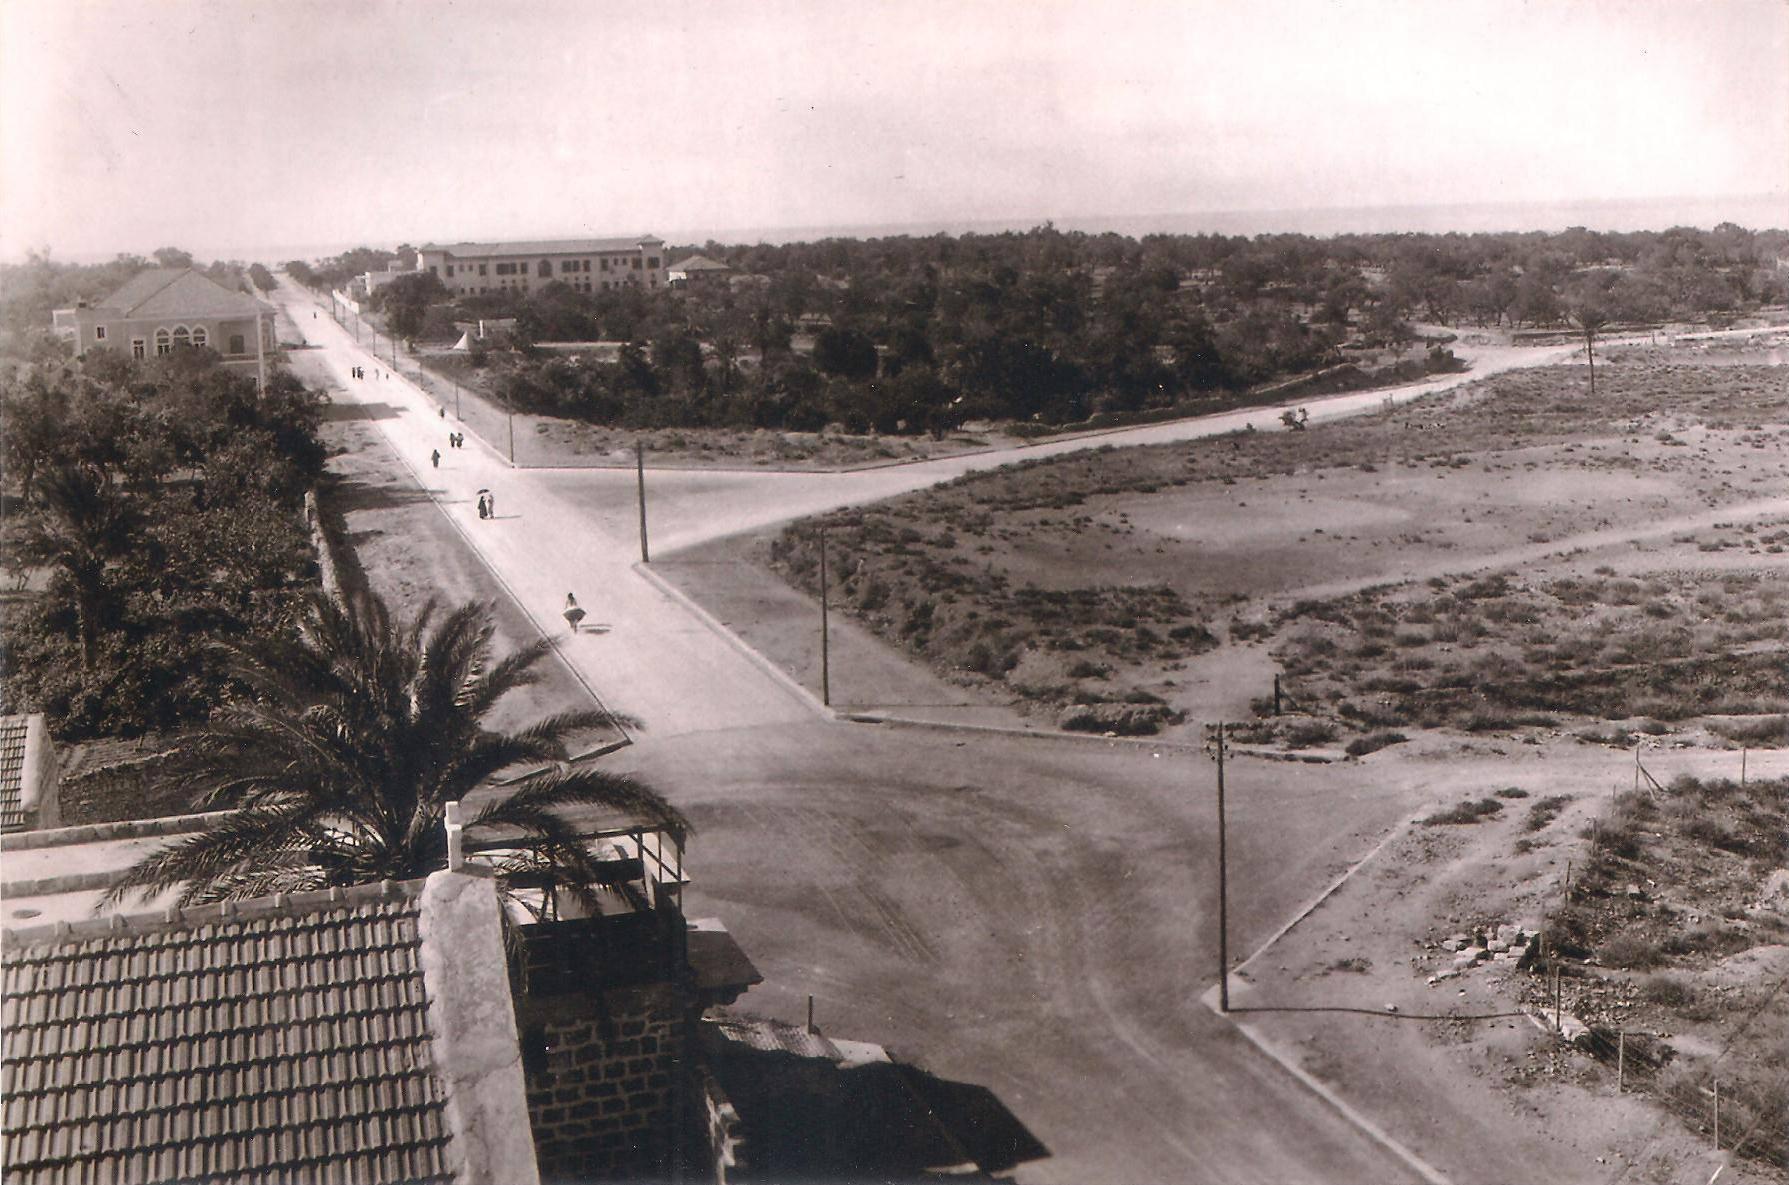 اللاذقية - شارع بغداد عام 1933م